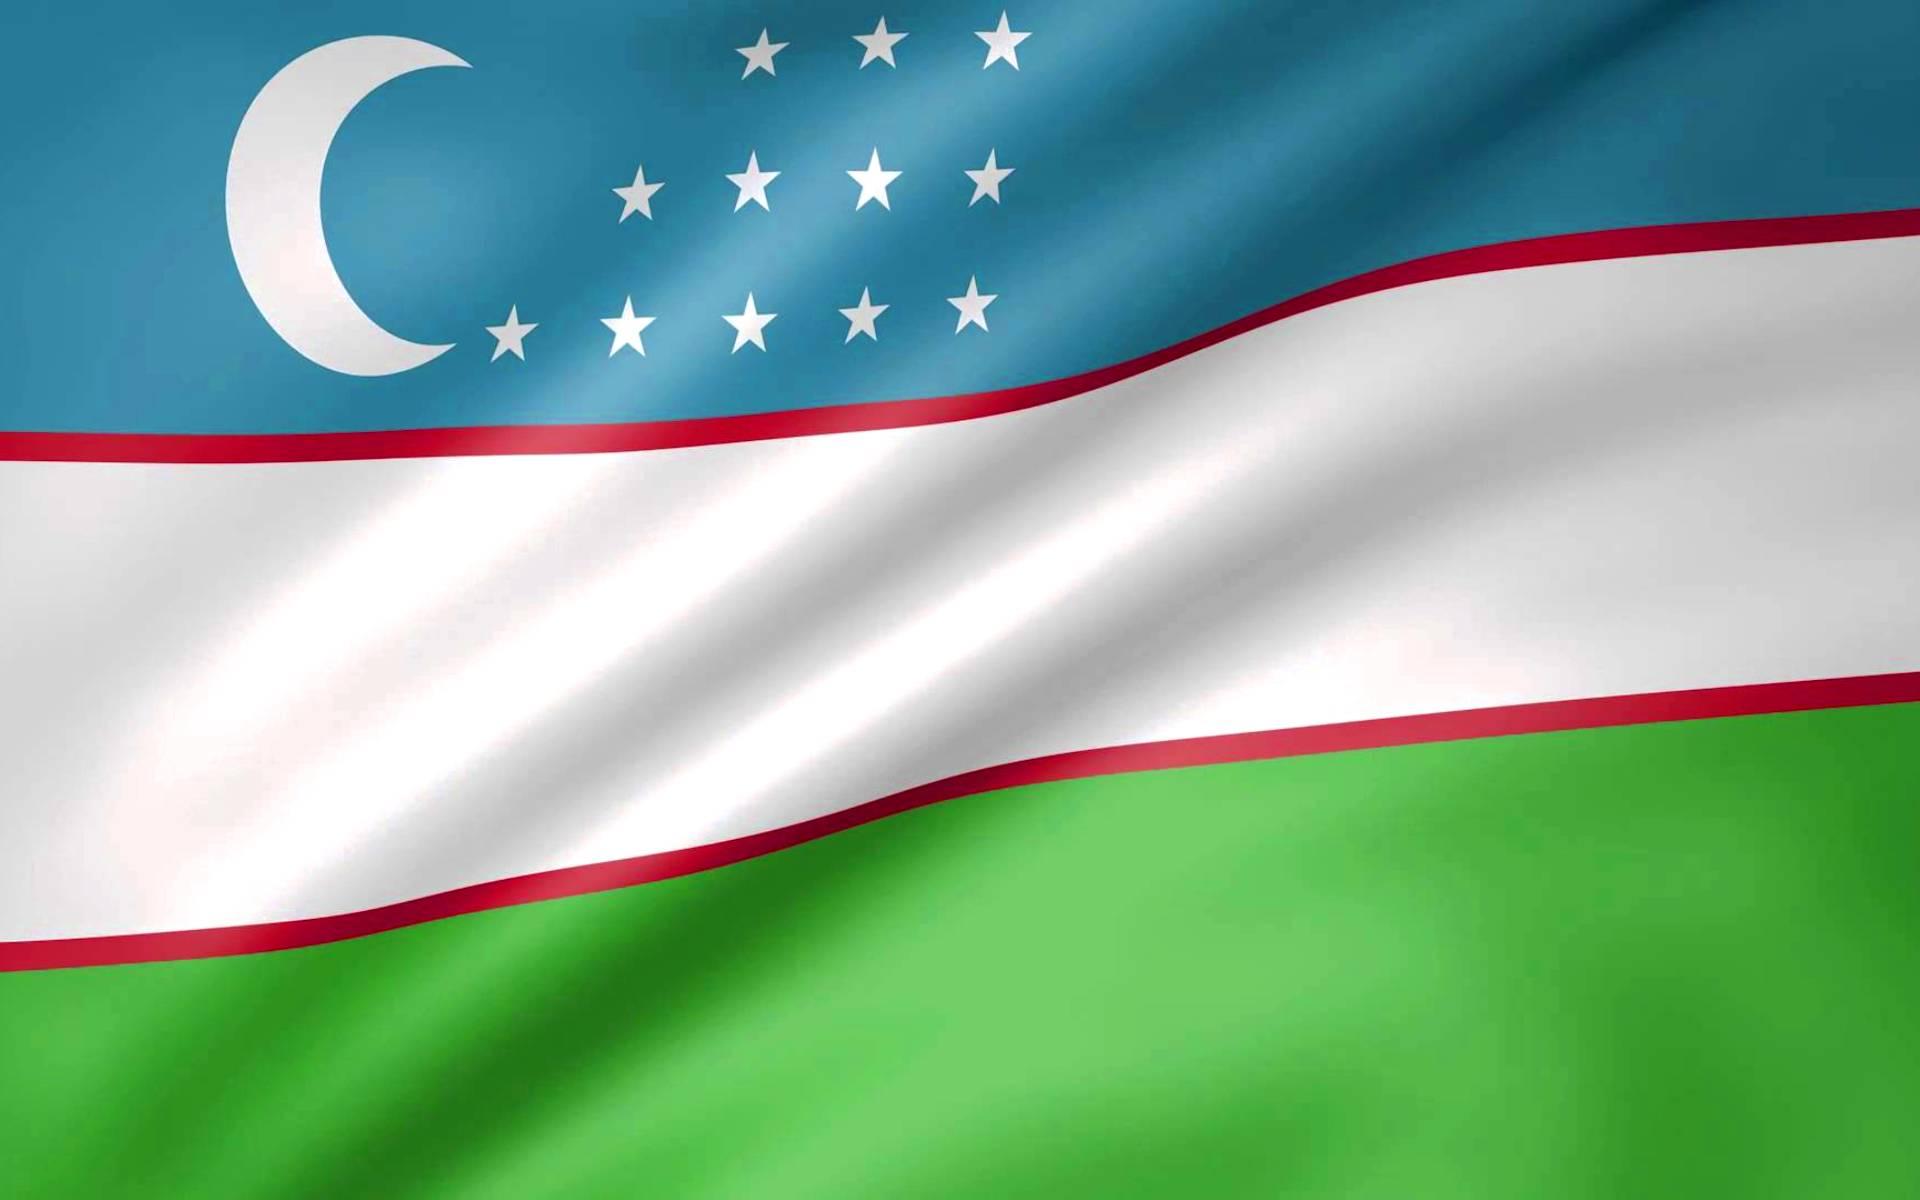 perevod uzbetskogo